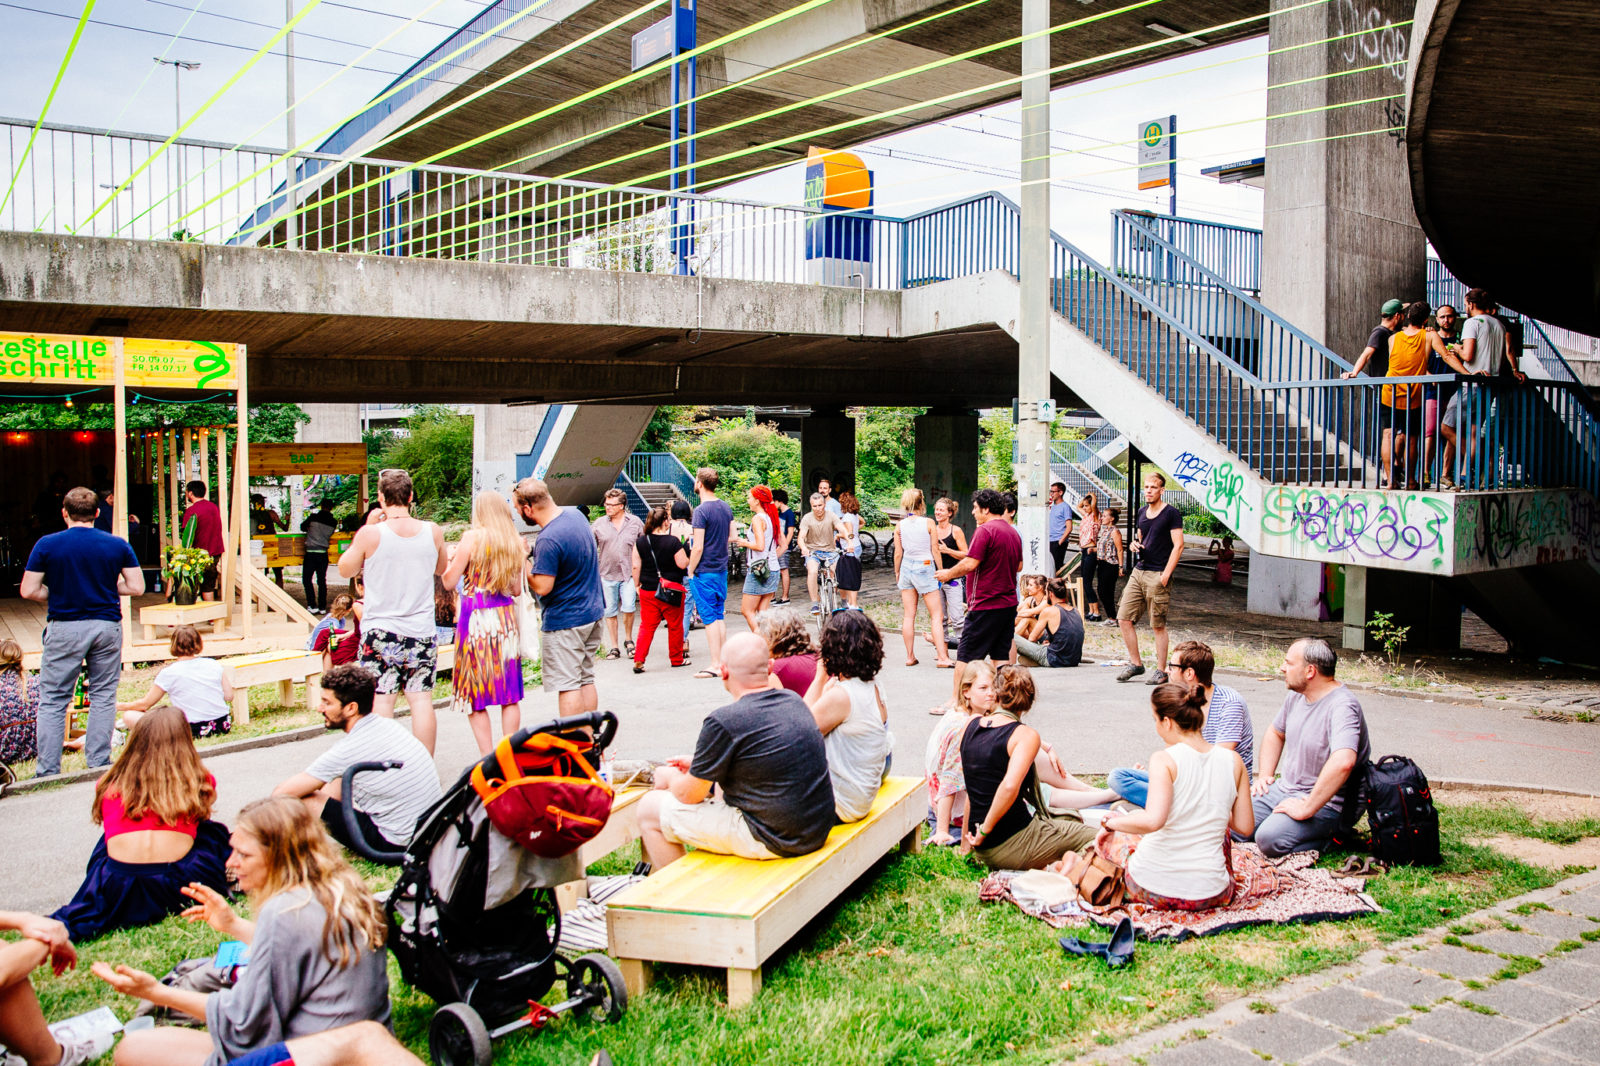 Sonntag Eröffnung Copyright Alexander Münch Haltestelle Fortschritt1